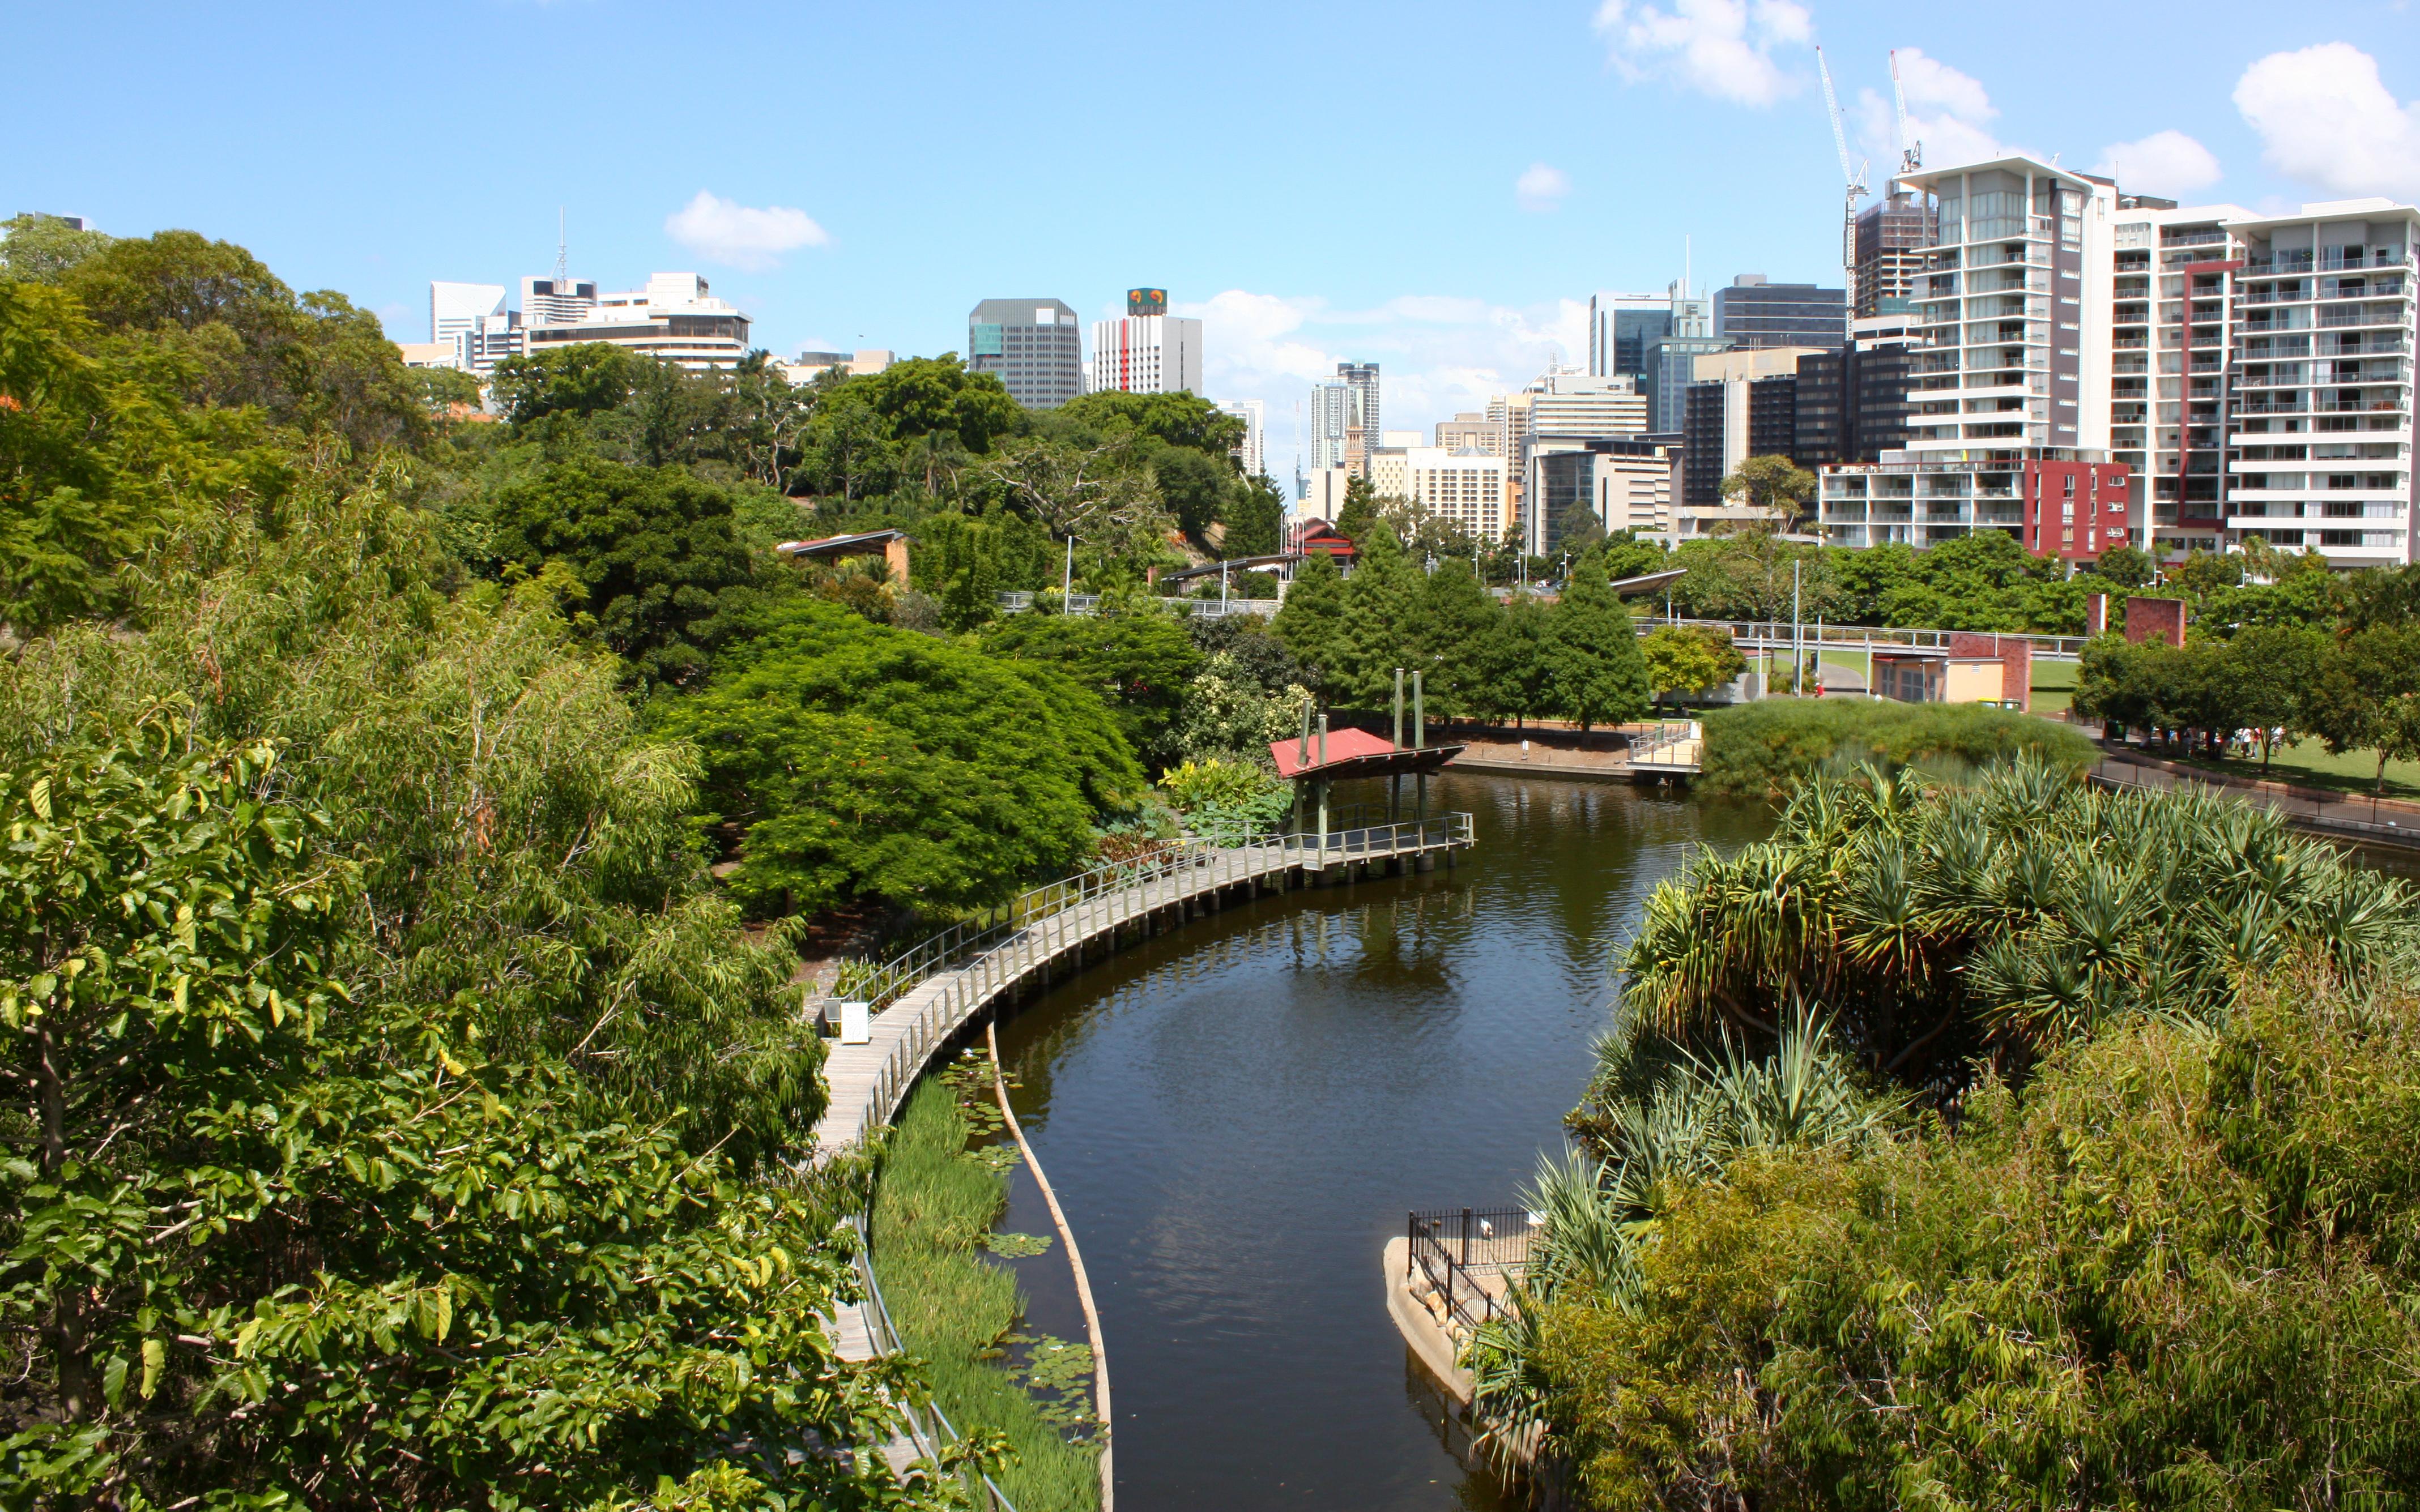 Free online dating sites glasgow in Brisbane